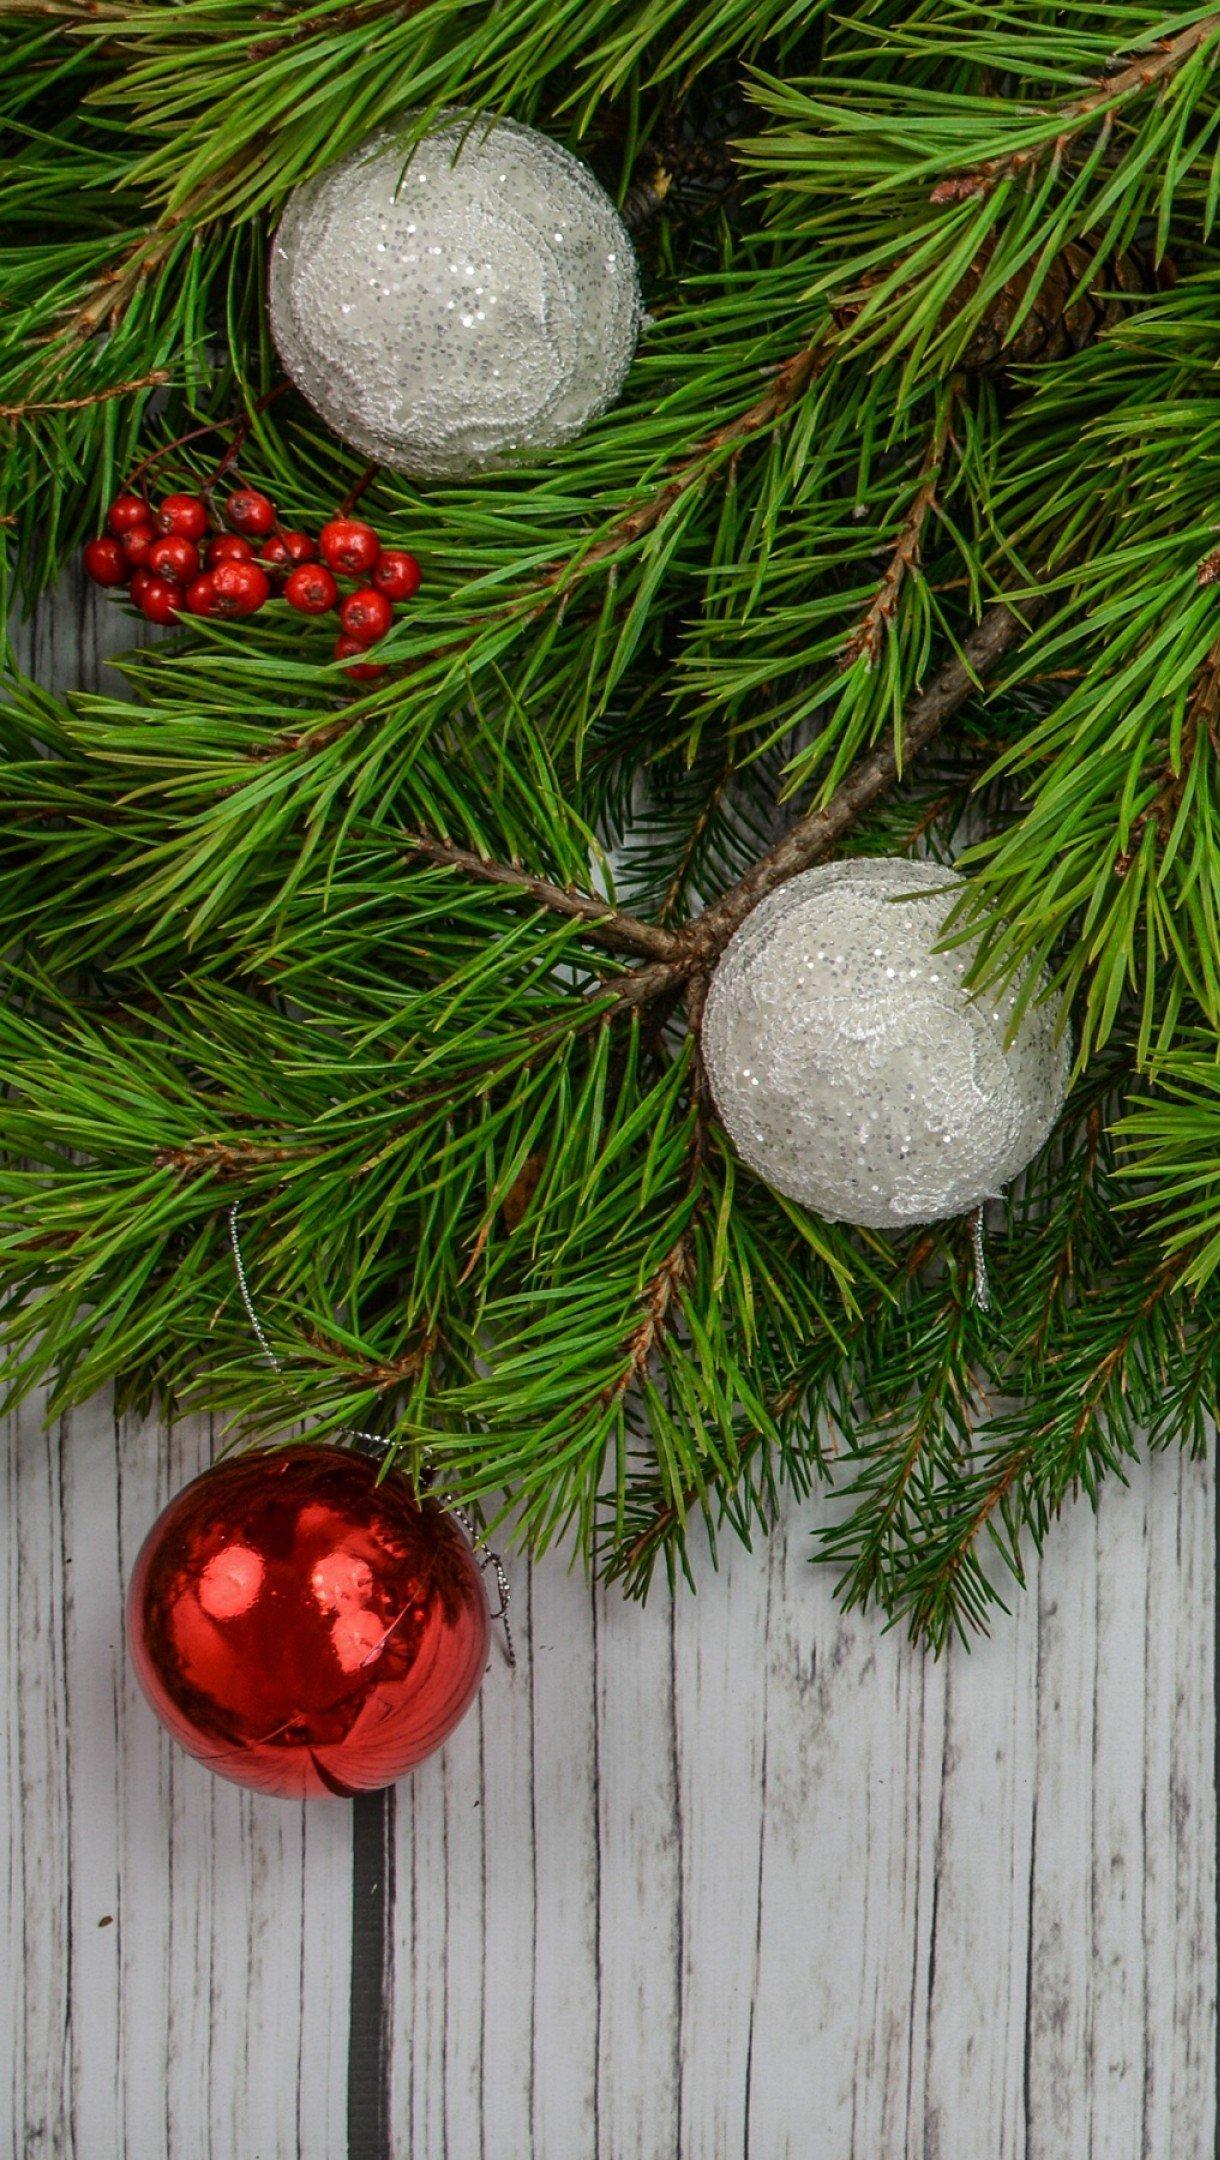 Fondos de pantalla Decoración Navidad y Año nuevo Vertical